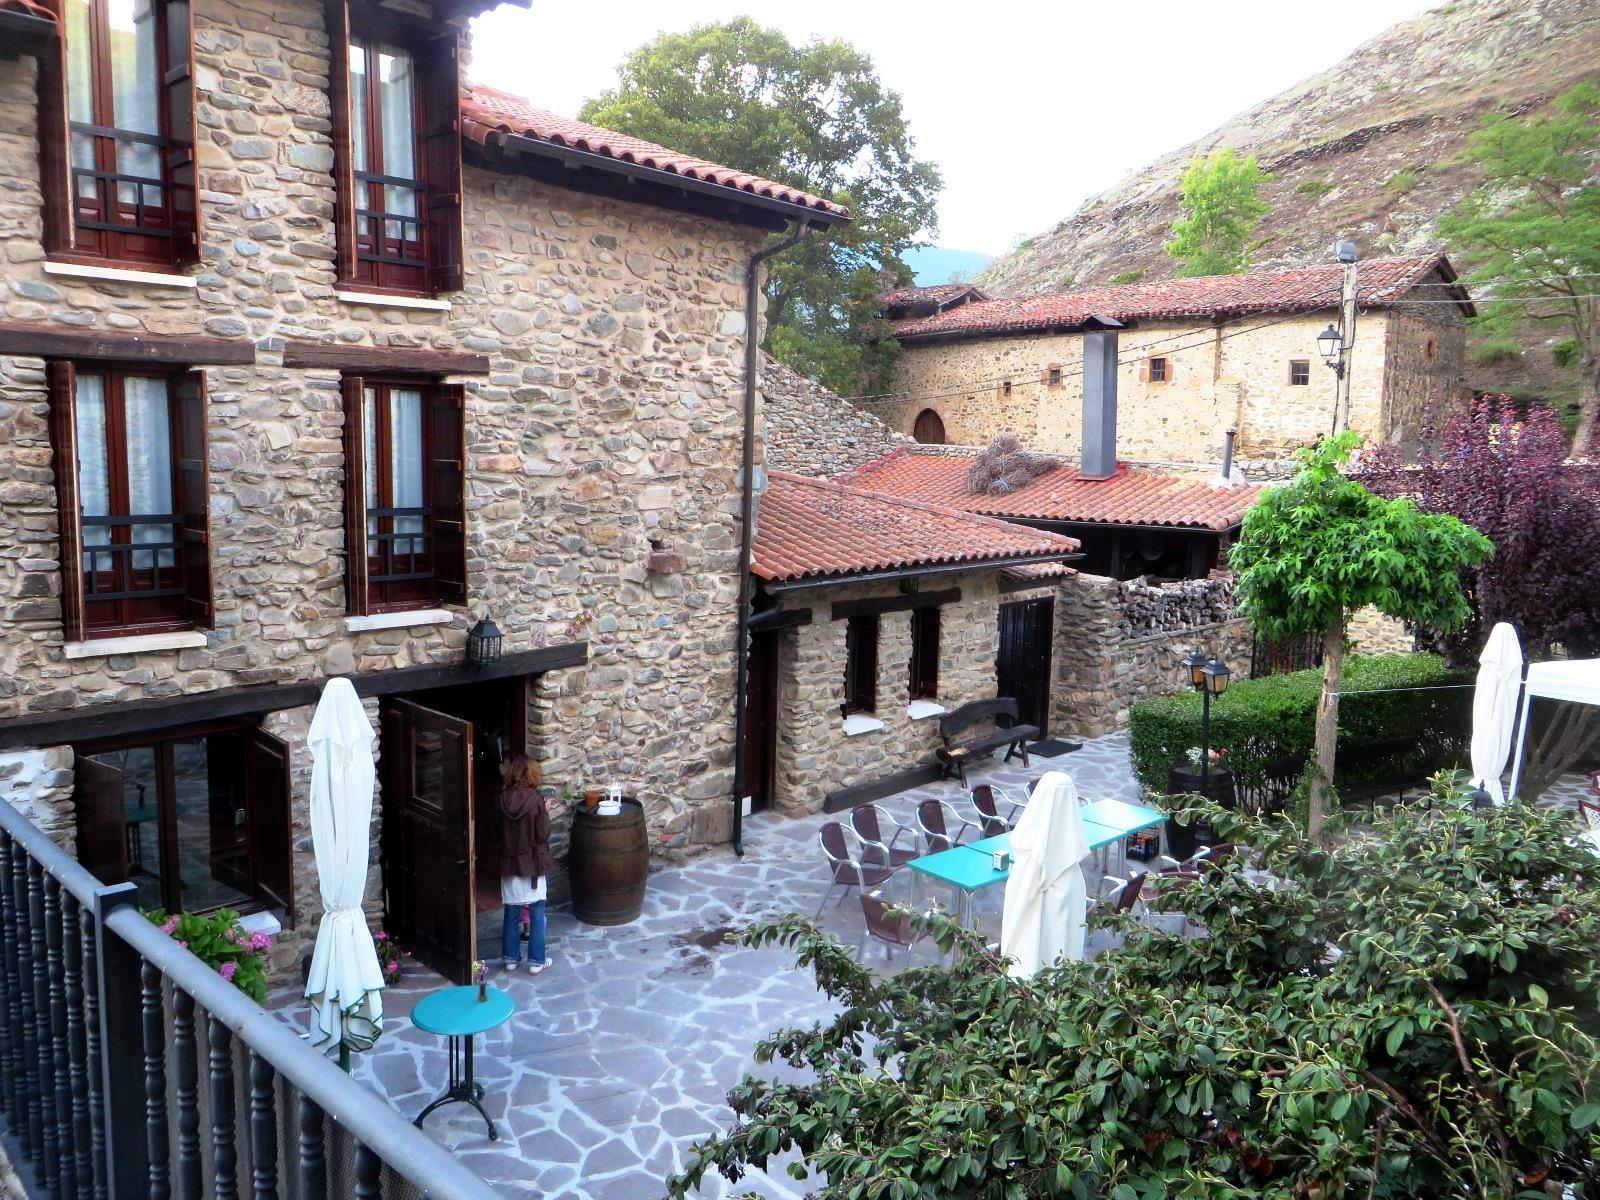 Urbina vinos blog restaurante casa rural zaldierna la rioja - Casa rural ezcaray ...